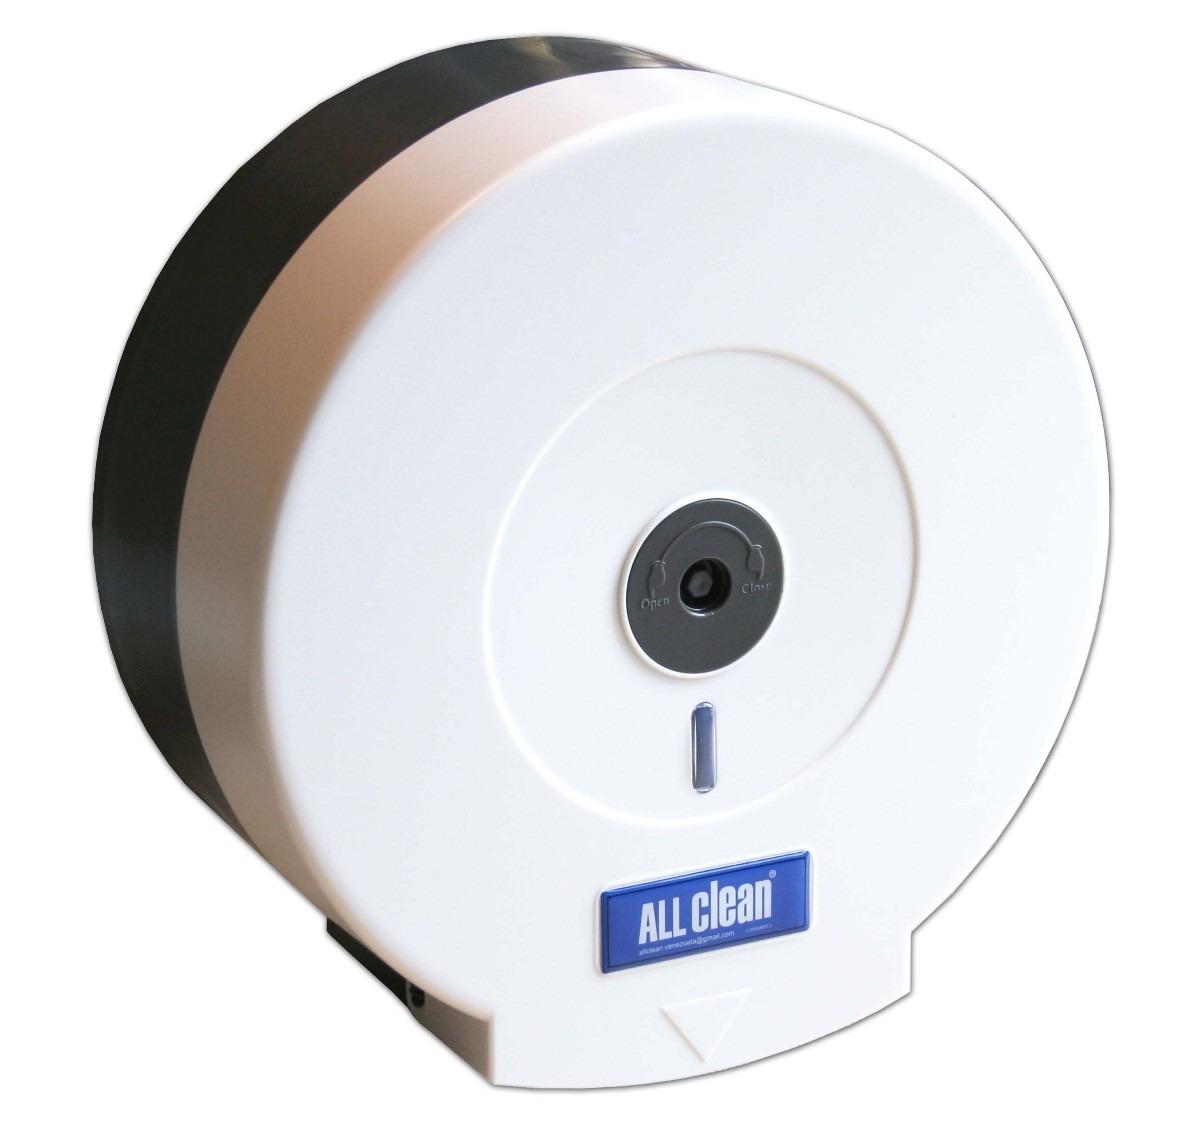 Dispensador de papel higi nico 9 pulgadas color blanco for Dispensador de papel higienico